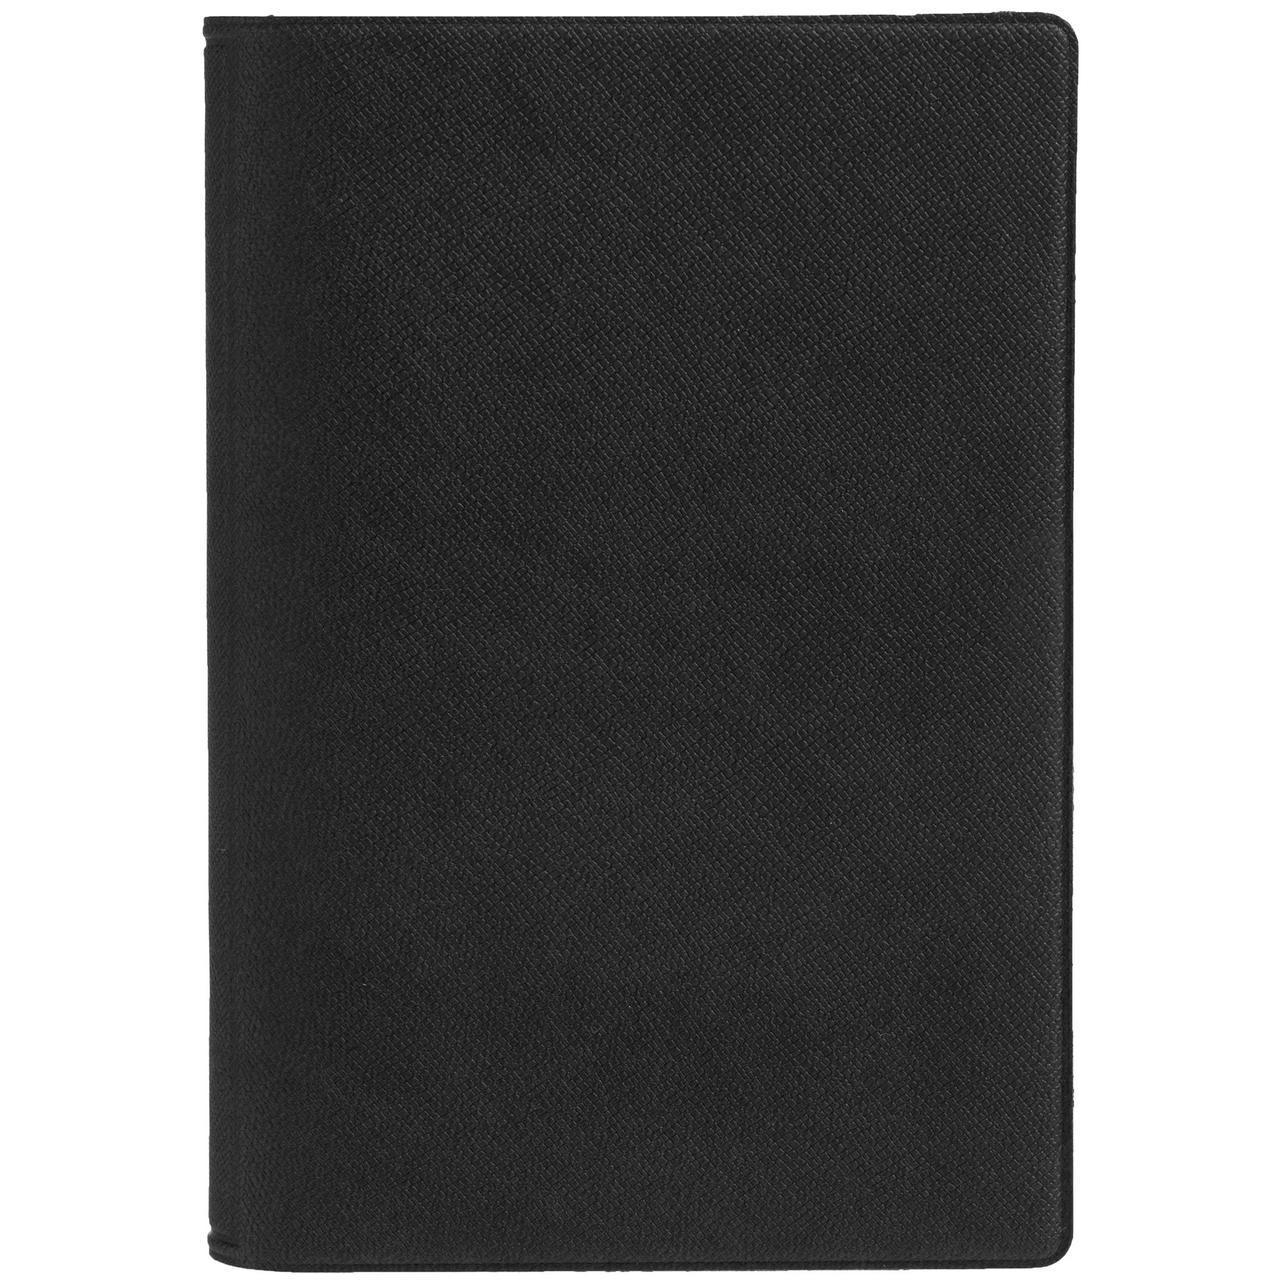 Обложка для паспорта Devon, черная